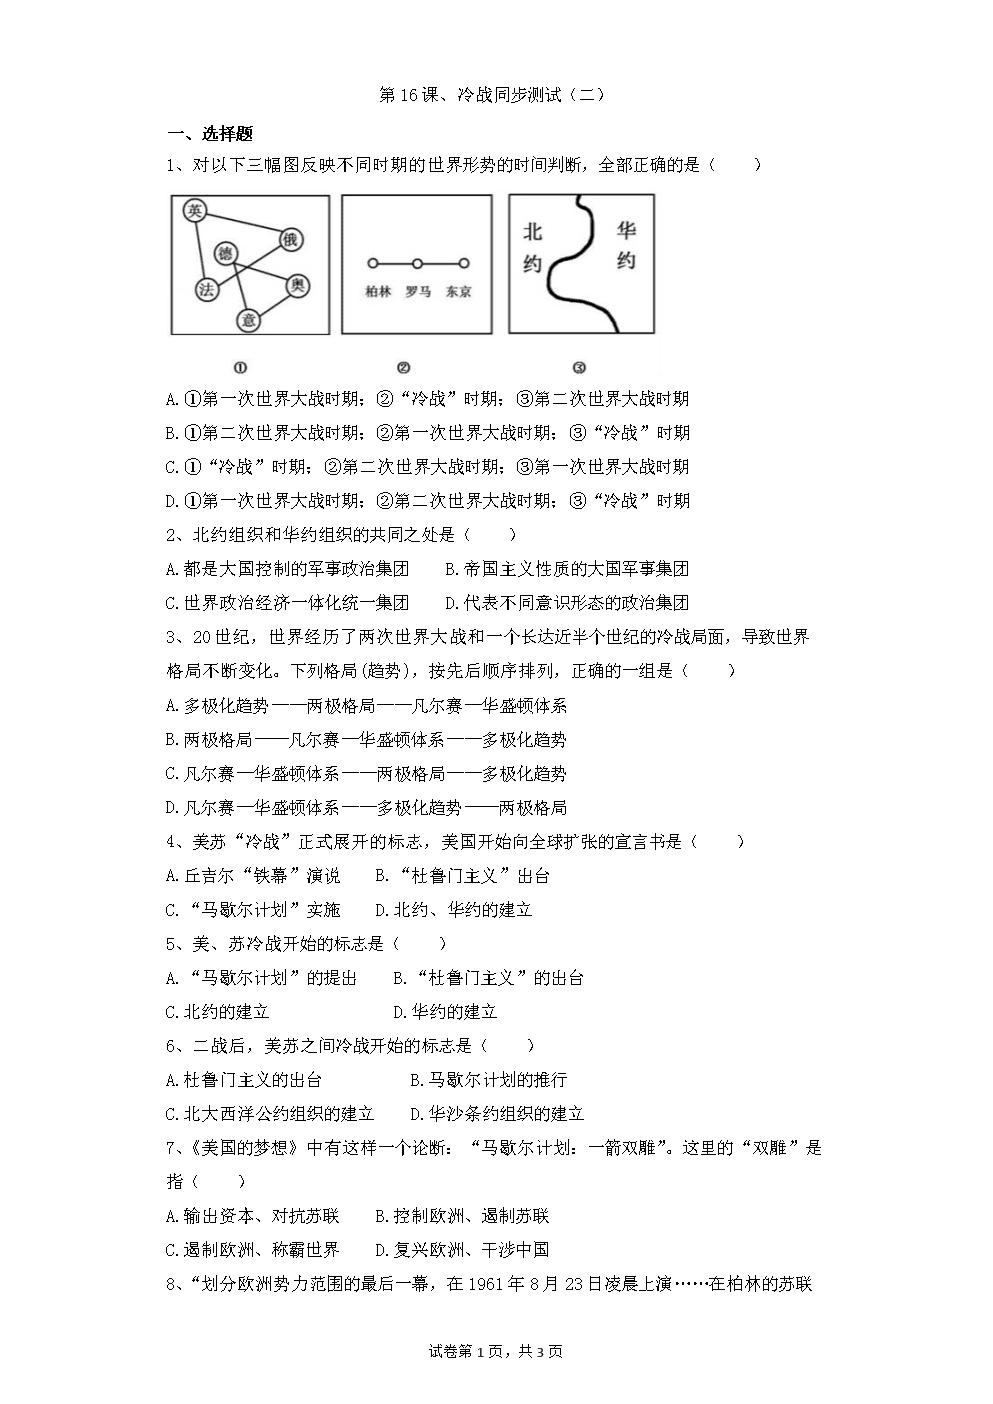 初中-历史-人教部编版-第16课、冷战同步测试(二).docx